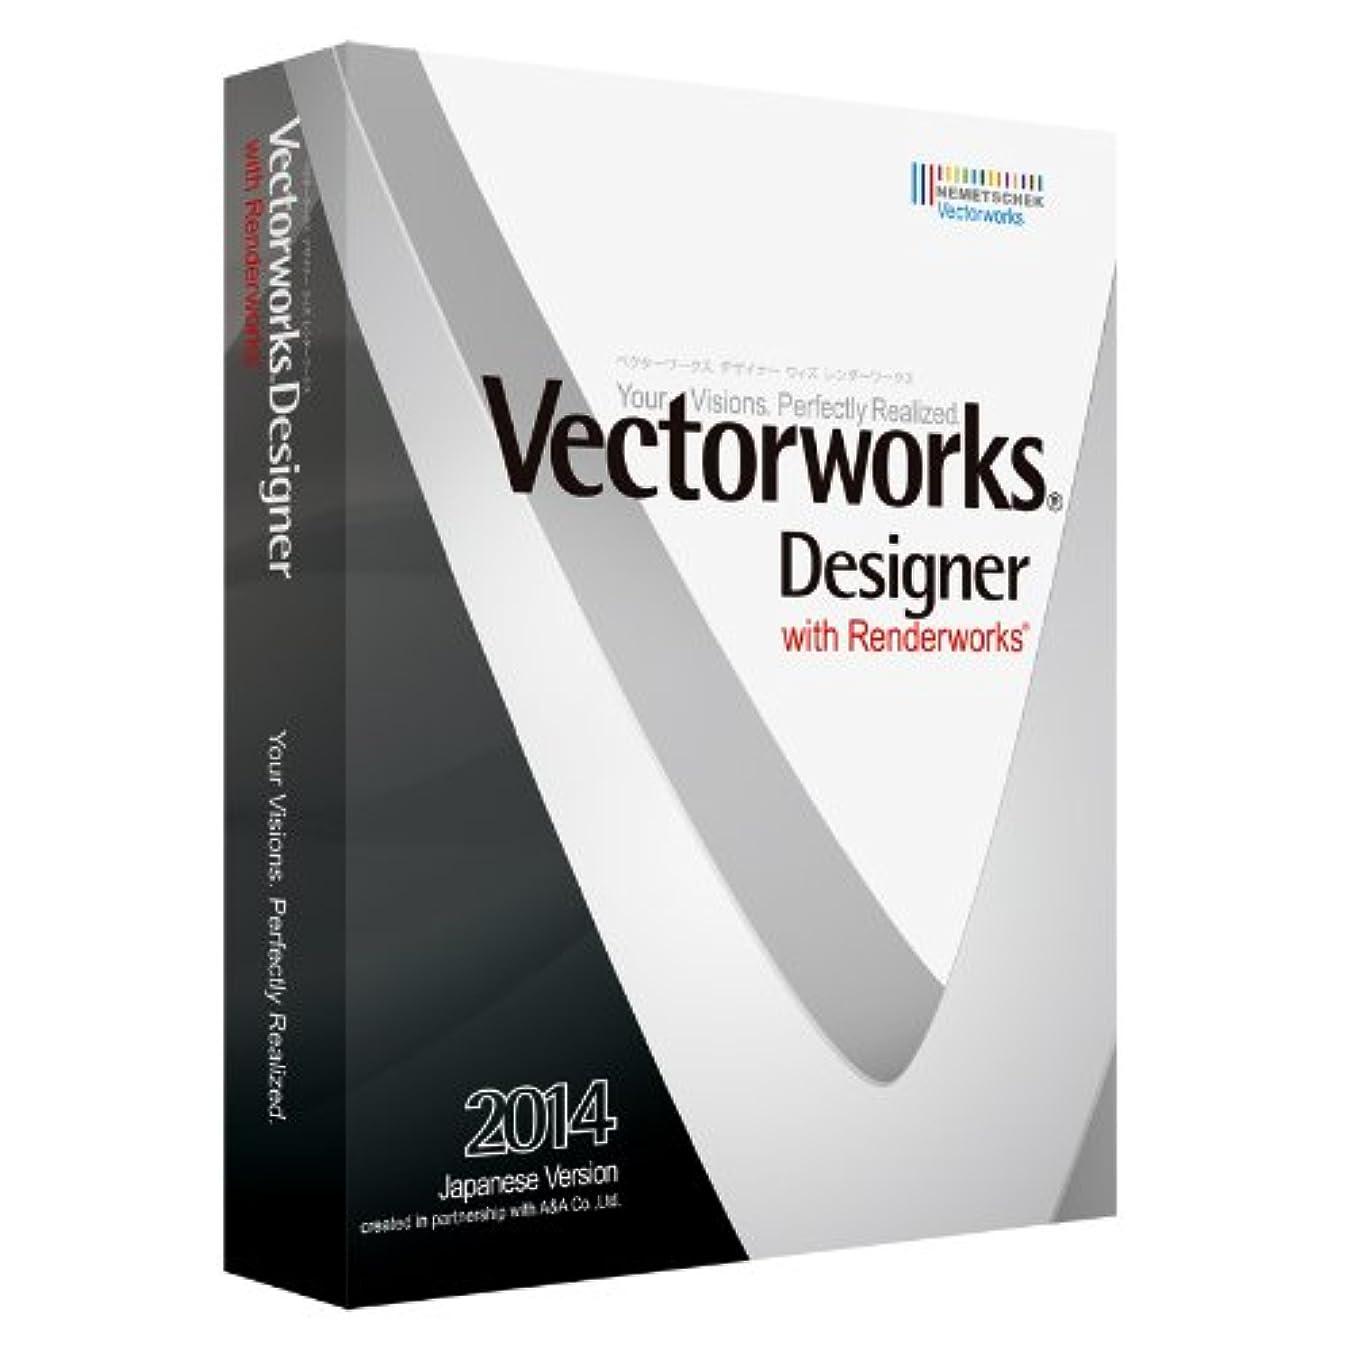 ヘルメットアンドリューハリディ活発Vectorworks Designer with Renderworks 2014 スタンドアロン版